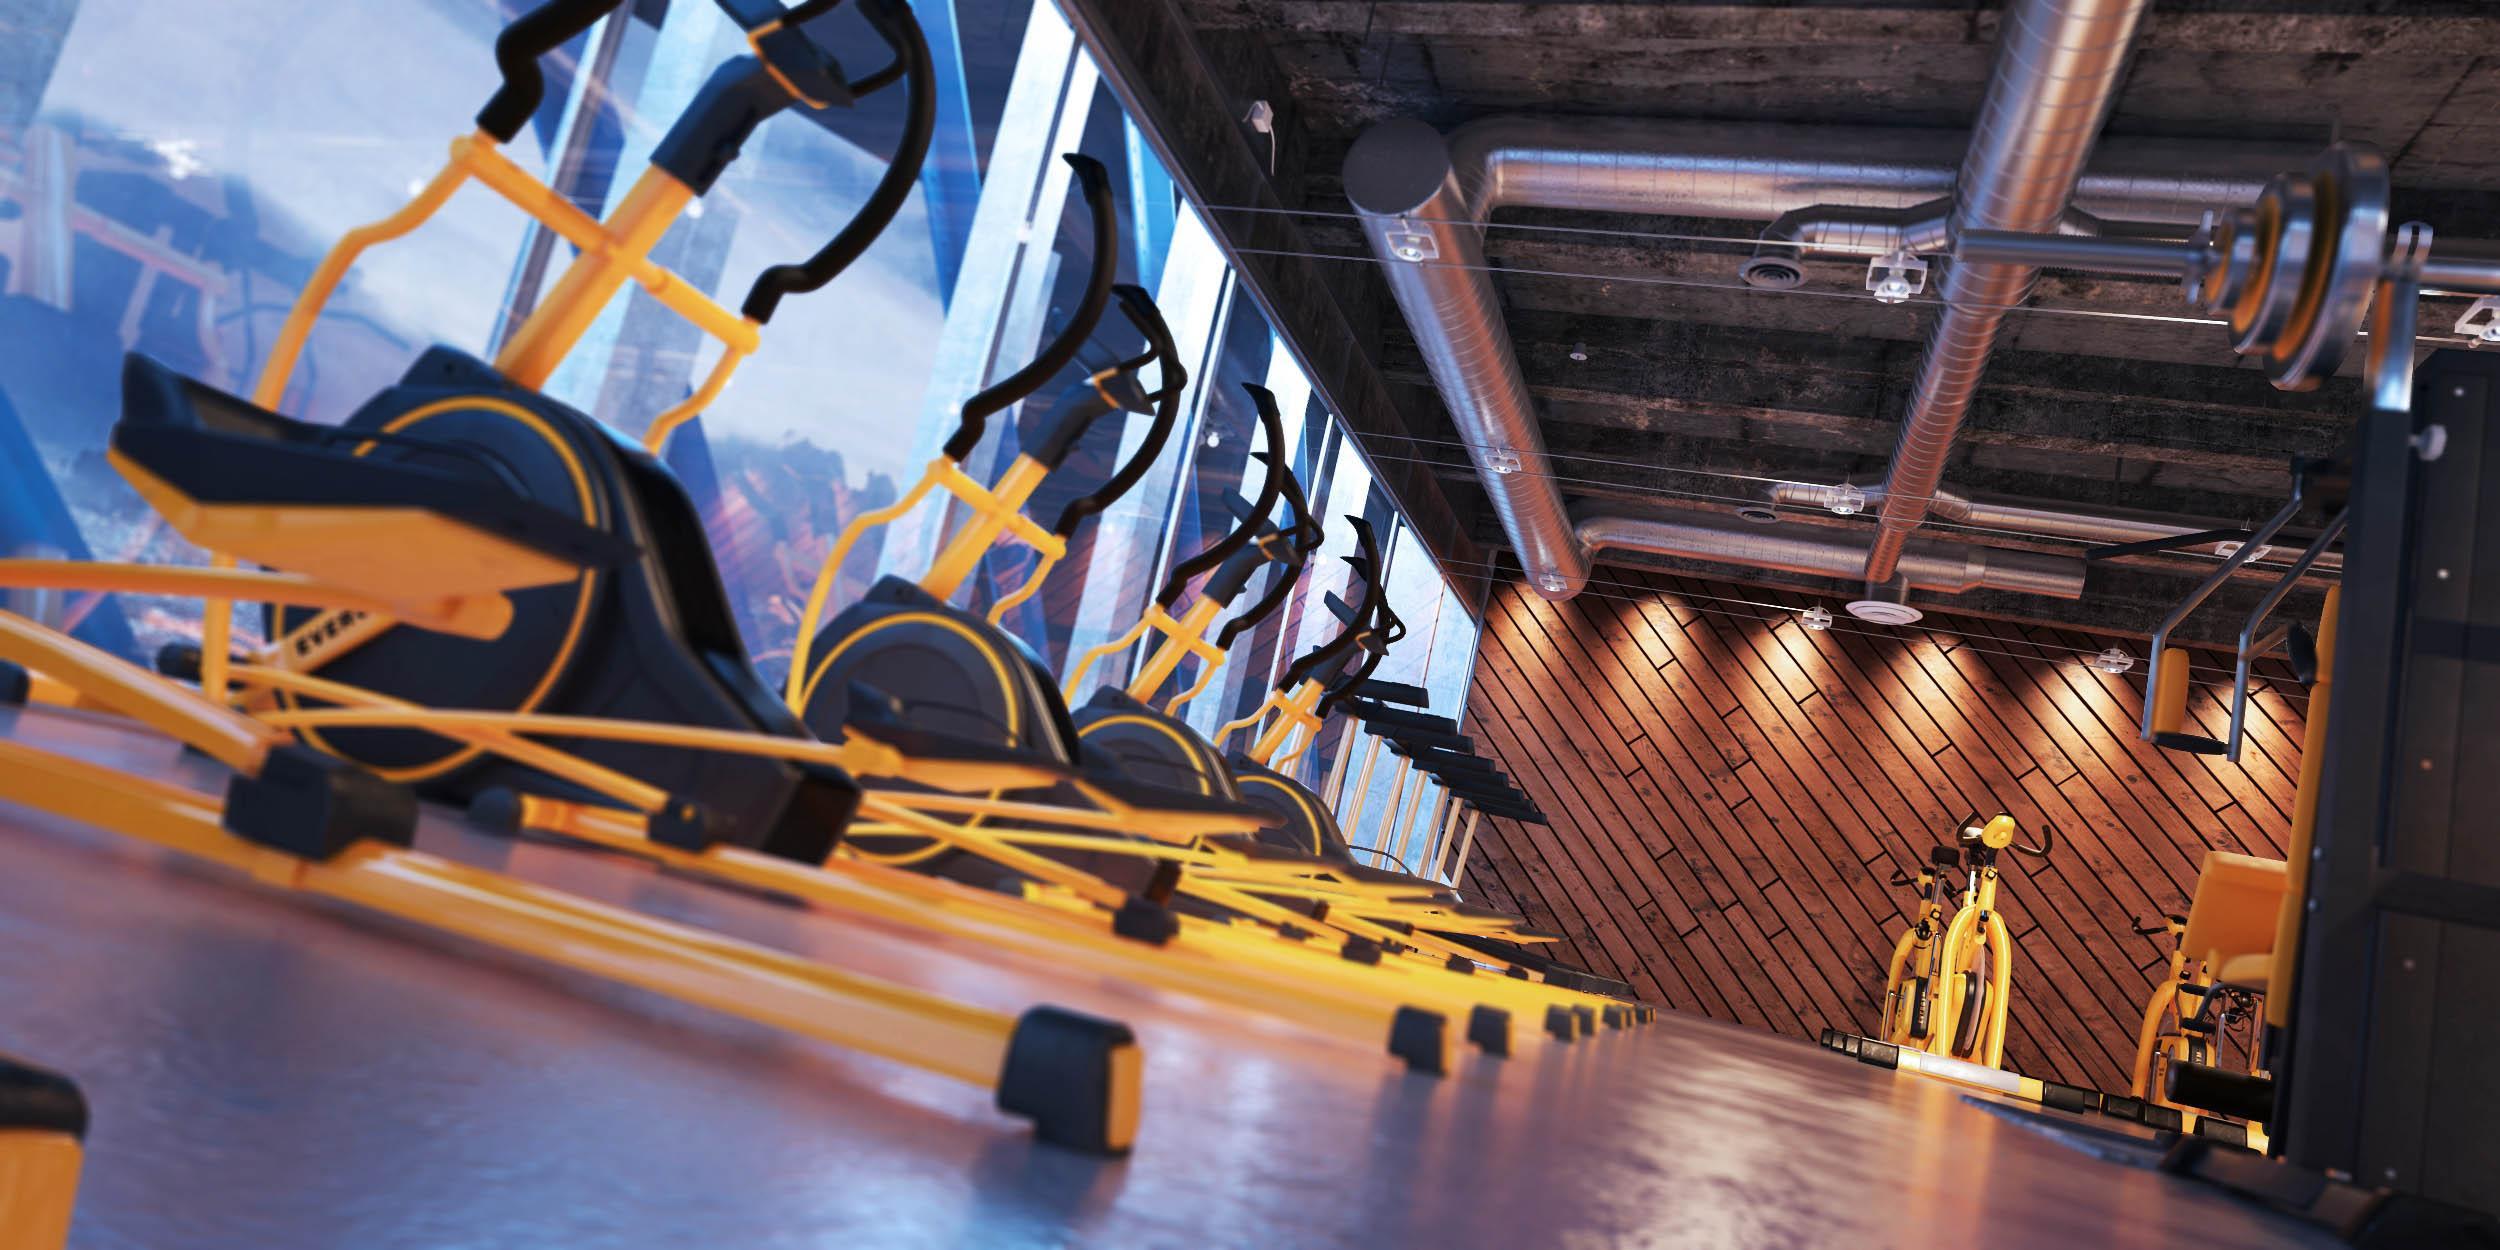 gym0002.jpg